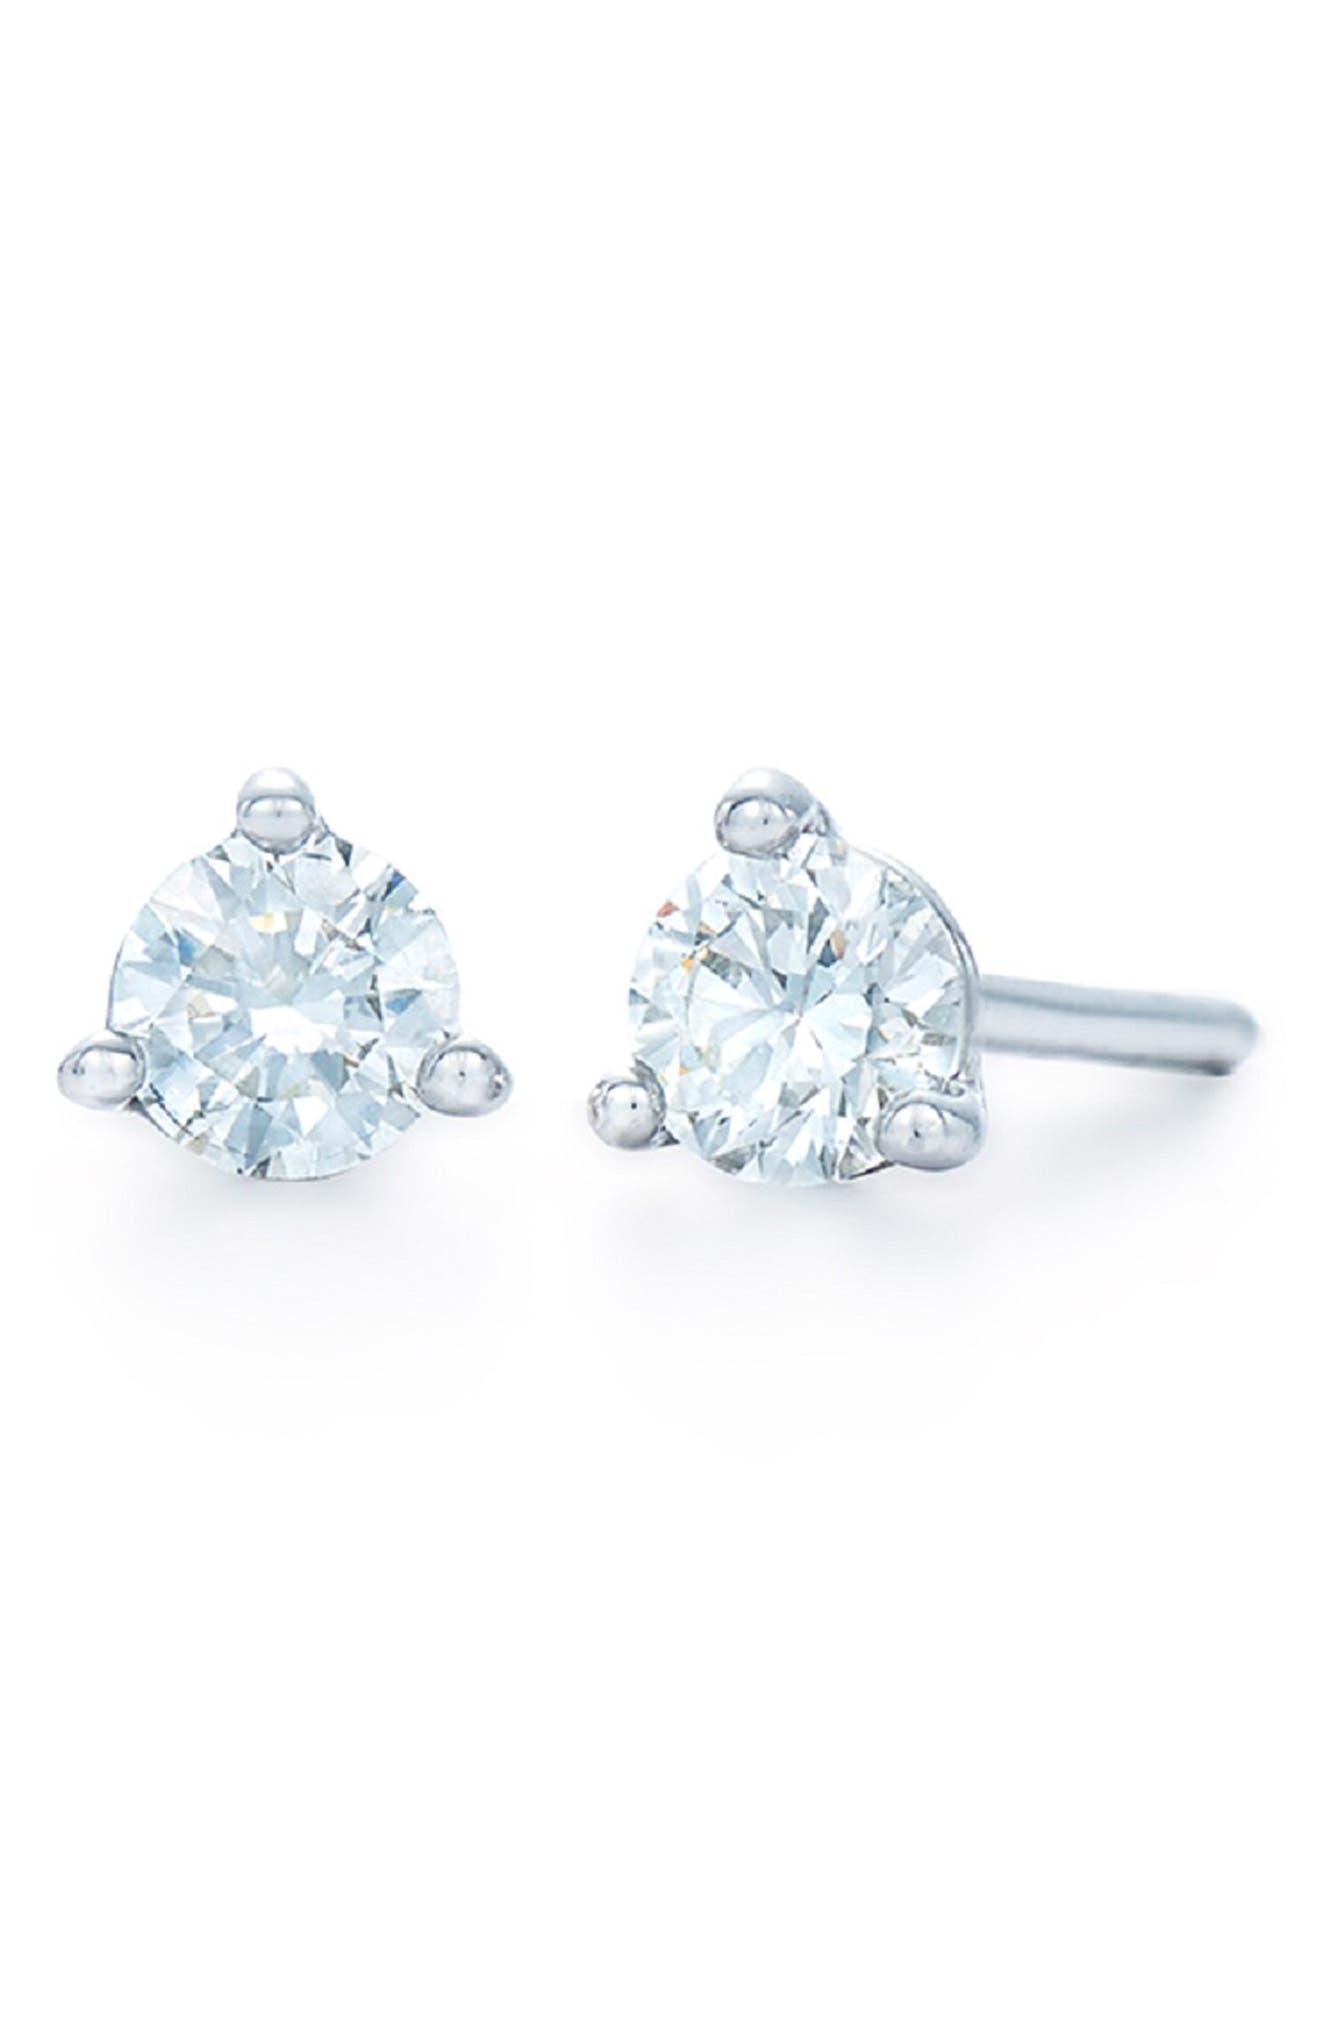 0.33ct tw Diamond & Platinum Stud Earrings,                             Alternate thumbnail 2, color,                             PLATINUM